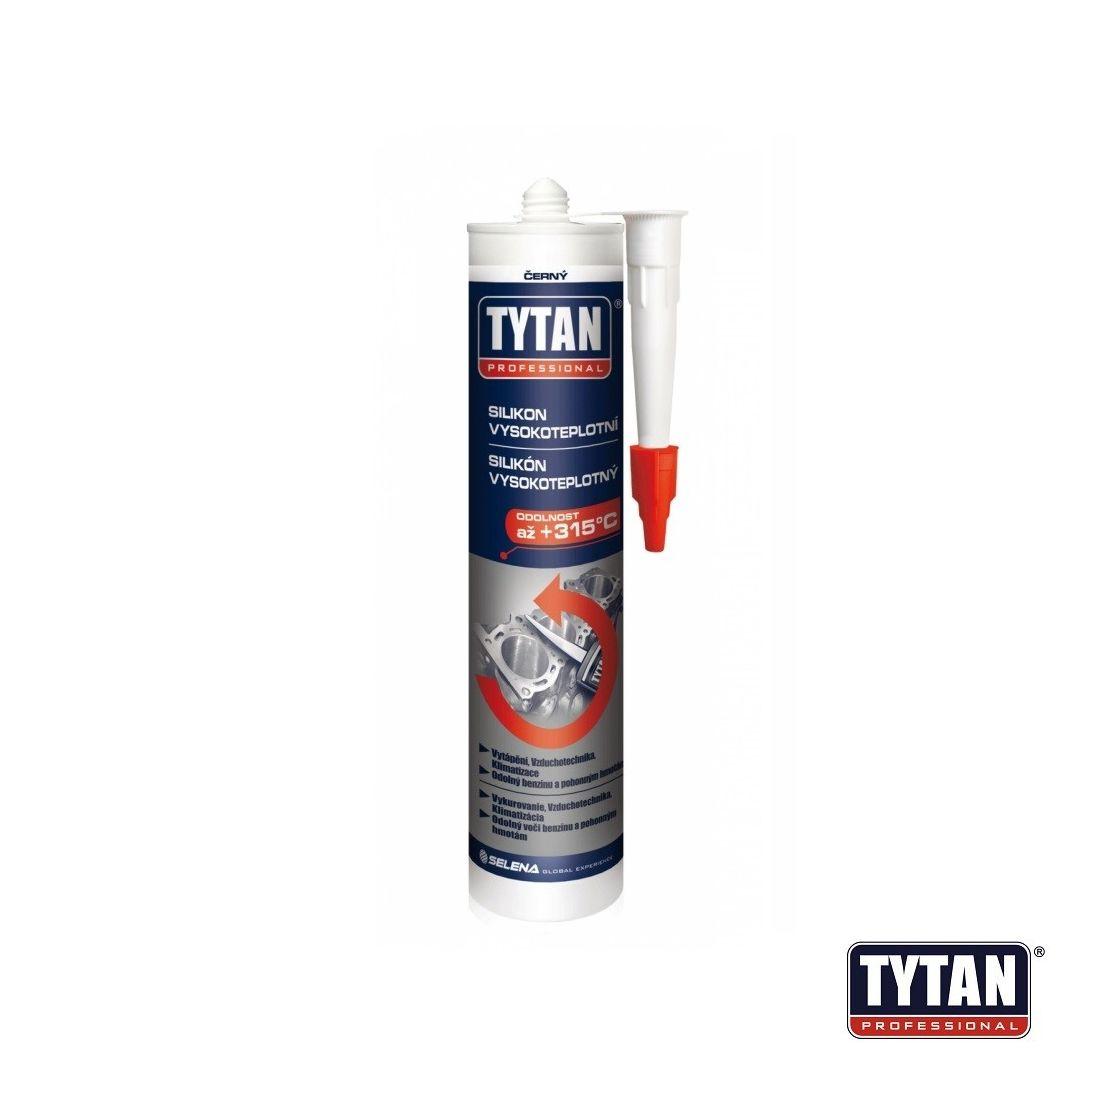 Silikon vysokoteplotní 310 ml červený TYTAN